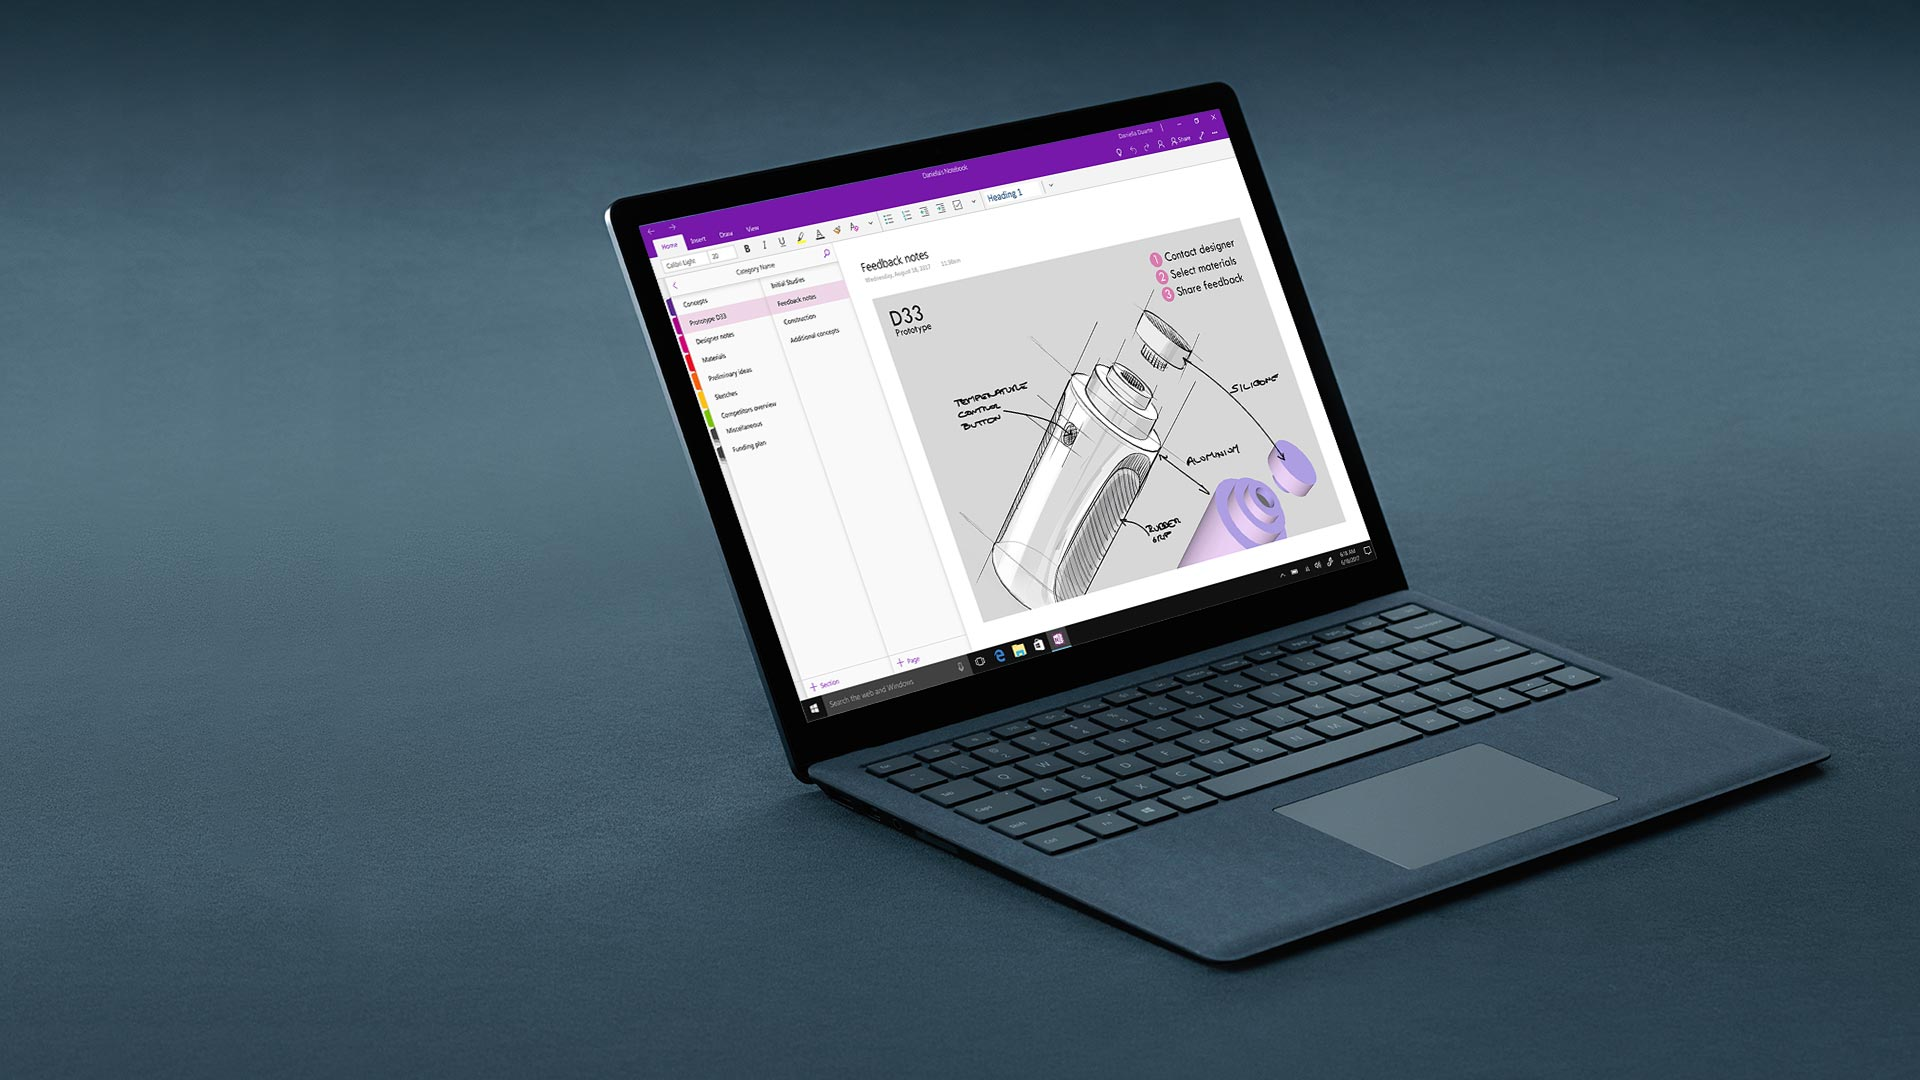 Surface Laptop bleu cobalt avec écran One Note.